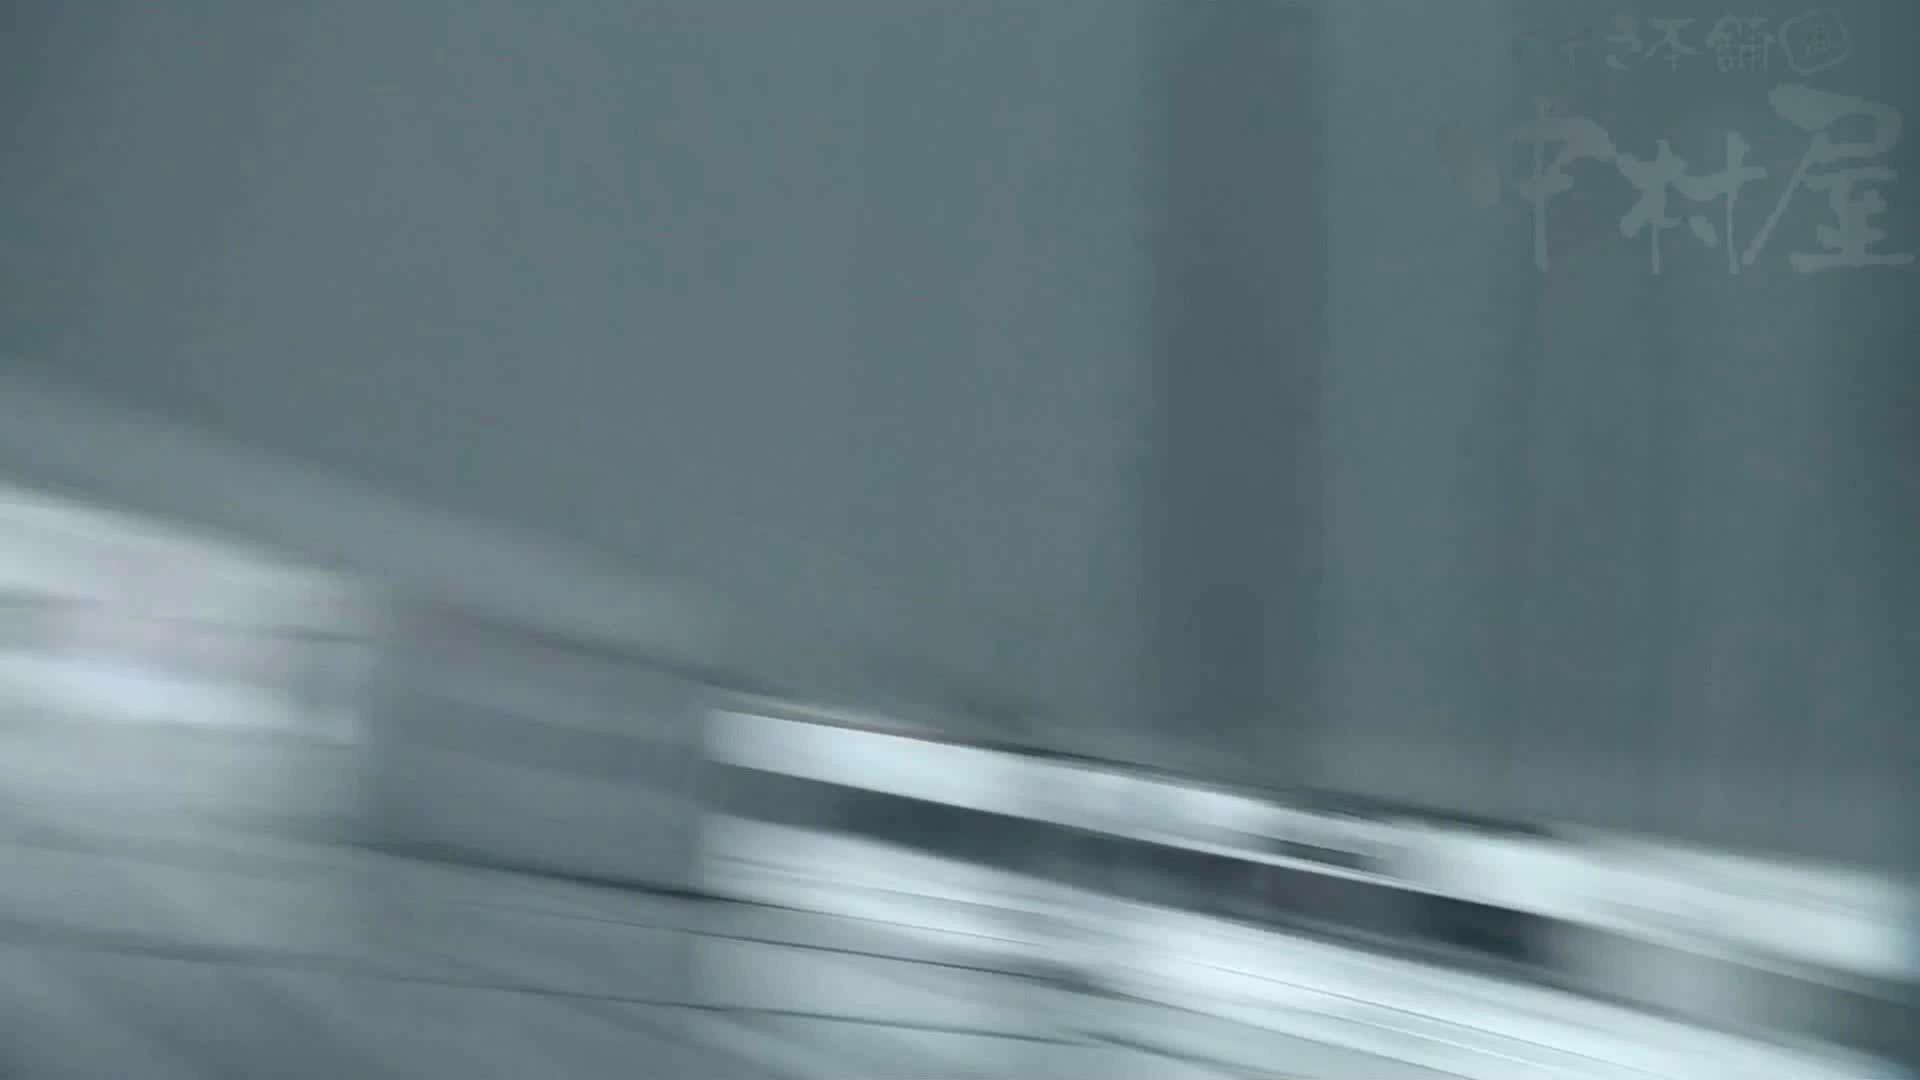 無修正エロ動画 美しい日本の未来 No.09 オールフロント!/粘り続けてたら奇跡のまた開きだって目の前で起きる!! のぞき本舗 中村屋